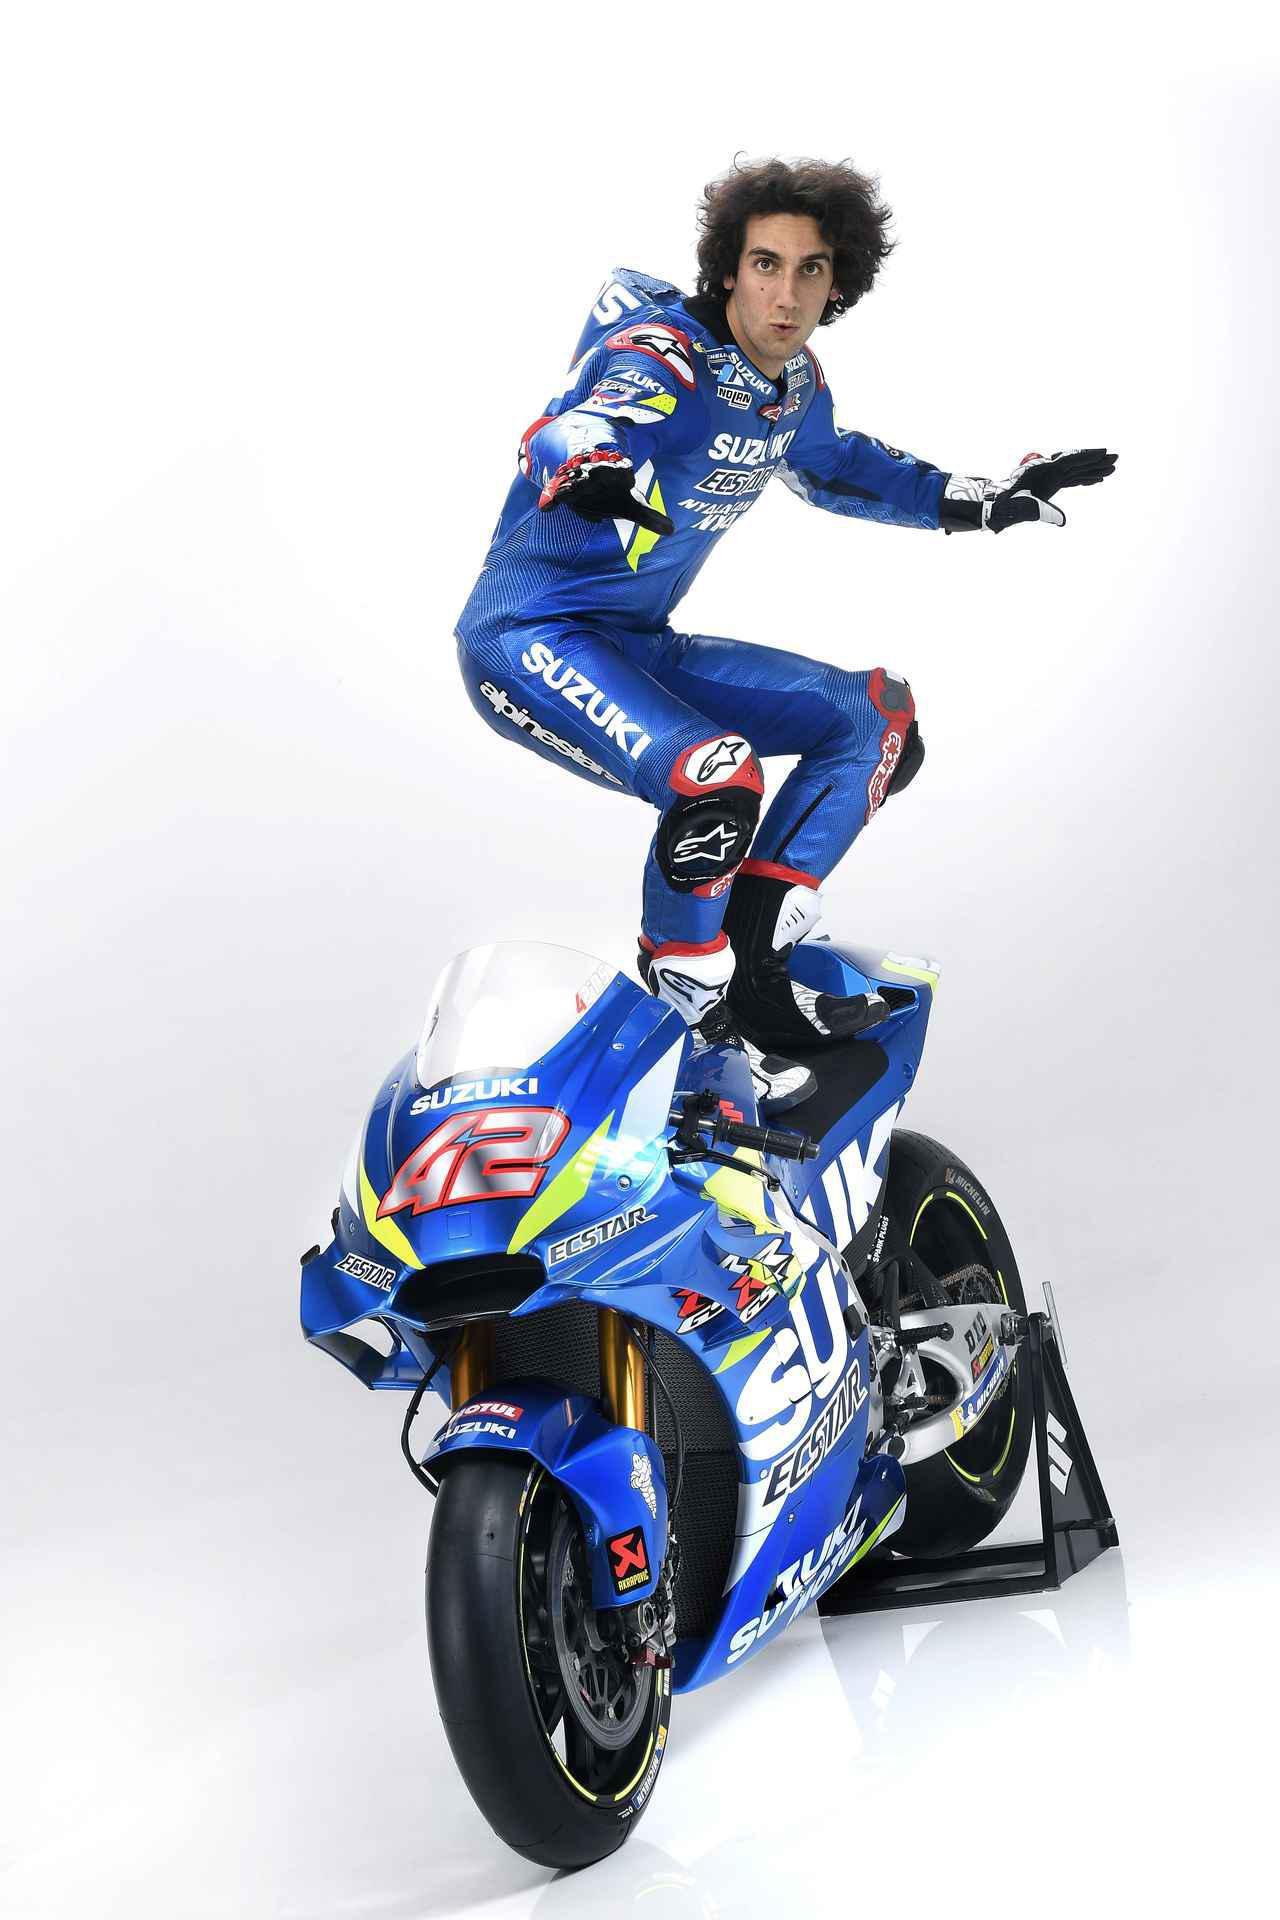 画像: アレックス・リンス復活!? 0.013秒差で逆転勝利を決めた想い出のイギリスGPで2位表彰台獲得! - スズキのバイク!